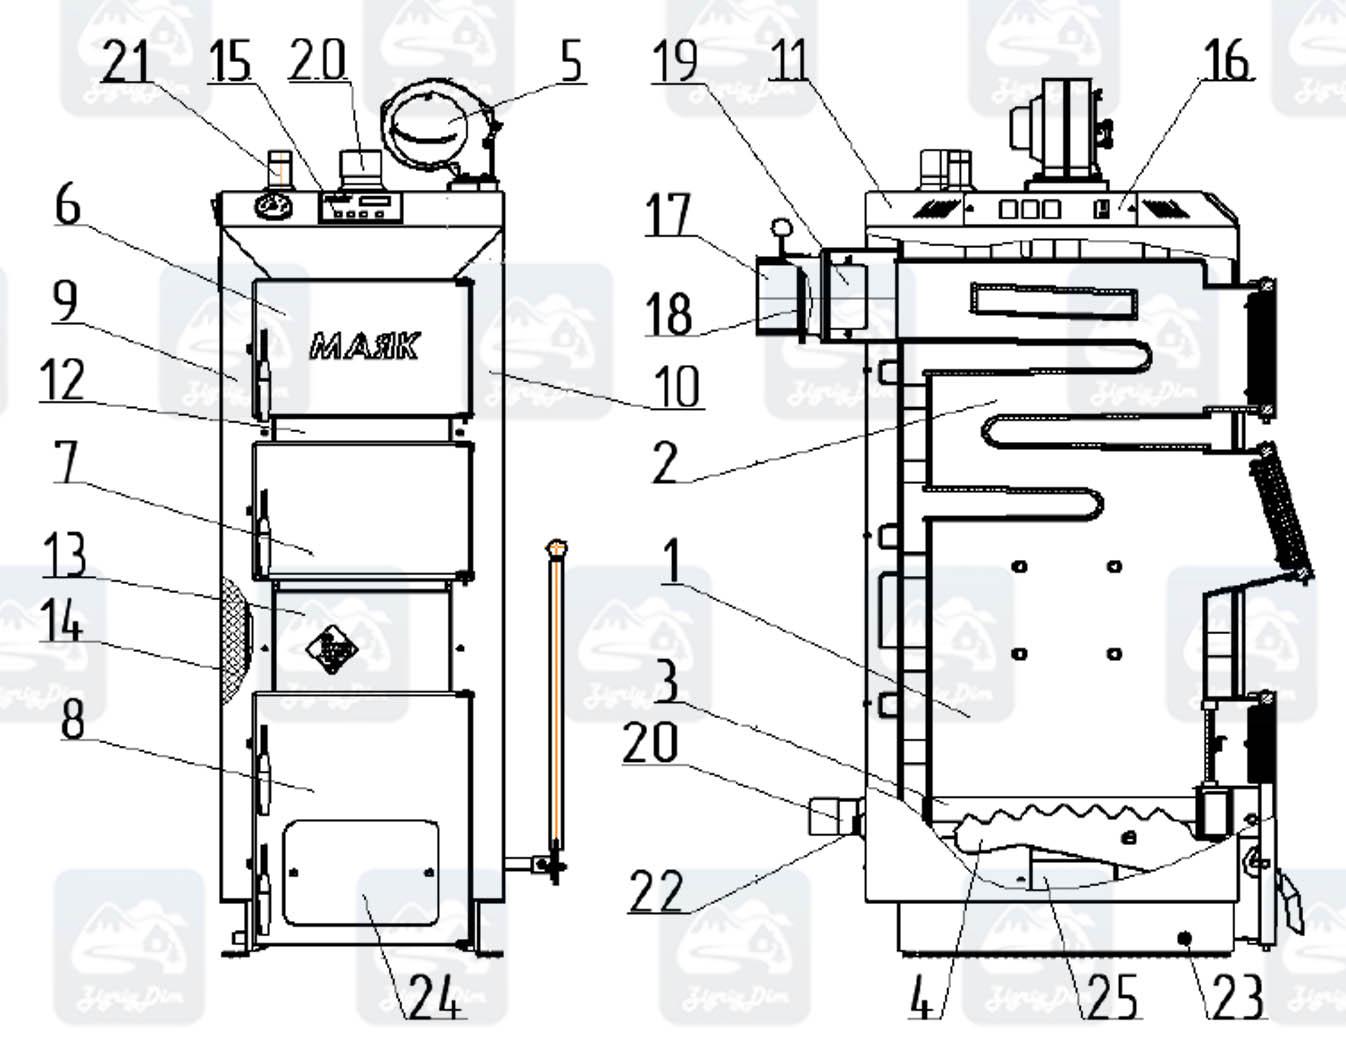 Схема твердотопливного котла длительного горения Маяк Eco Manual 16 кВт